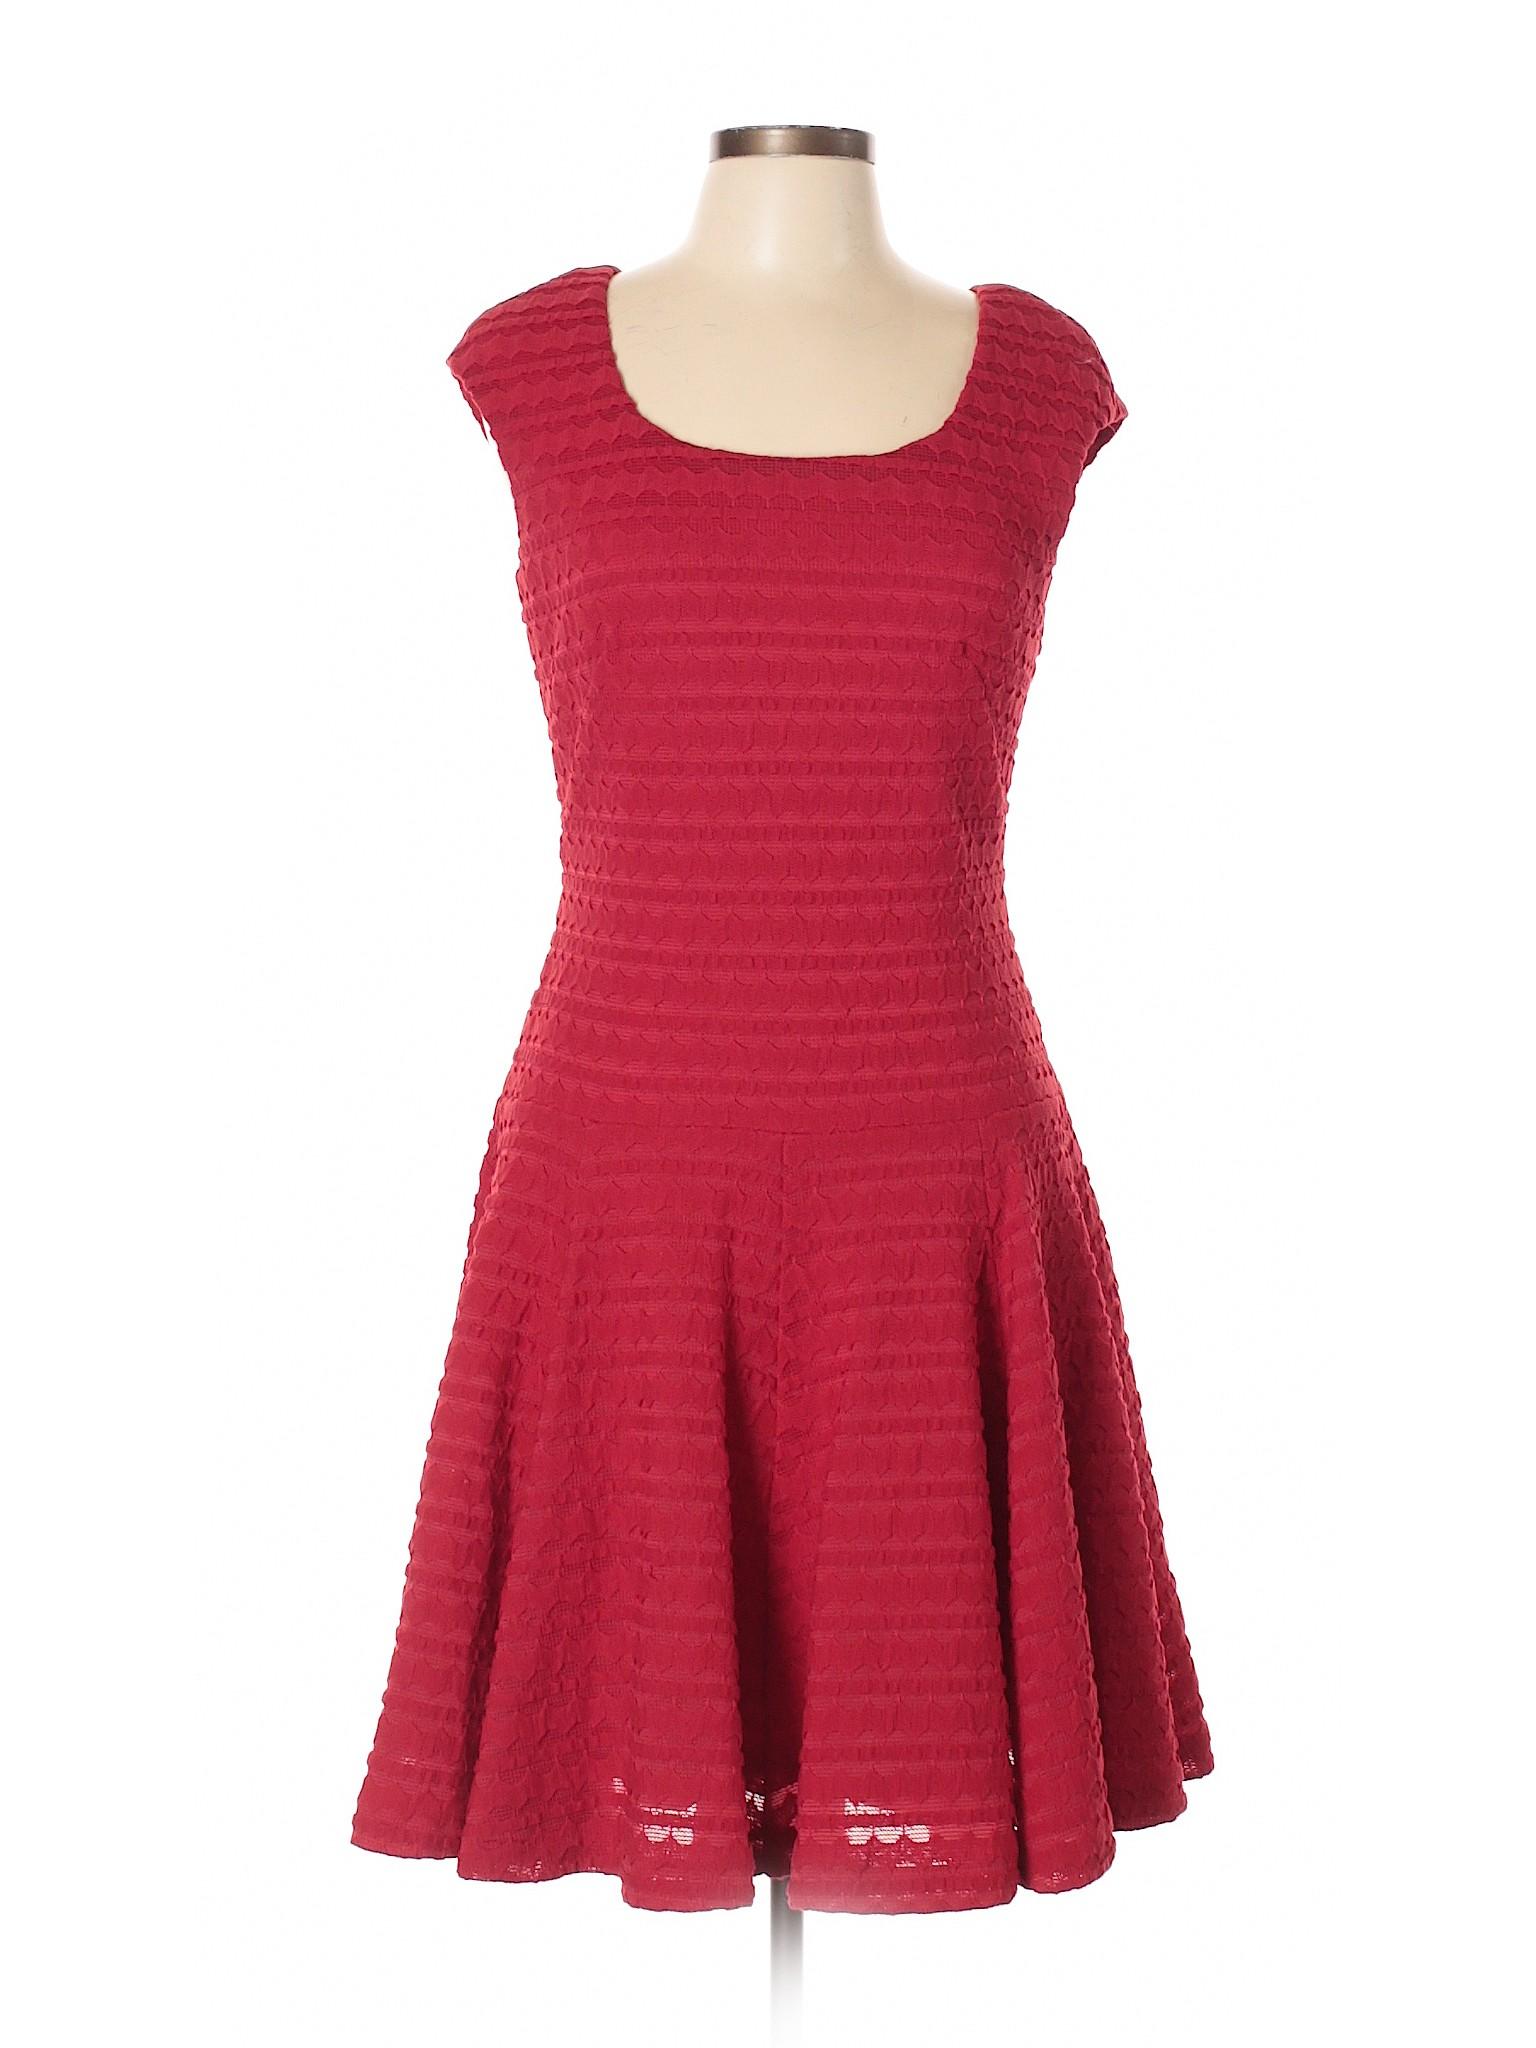 London winter Casual Boutique Maggy Dress pEdcSSwqr